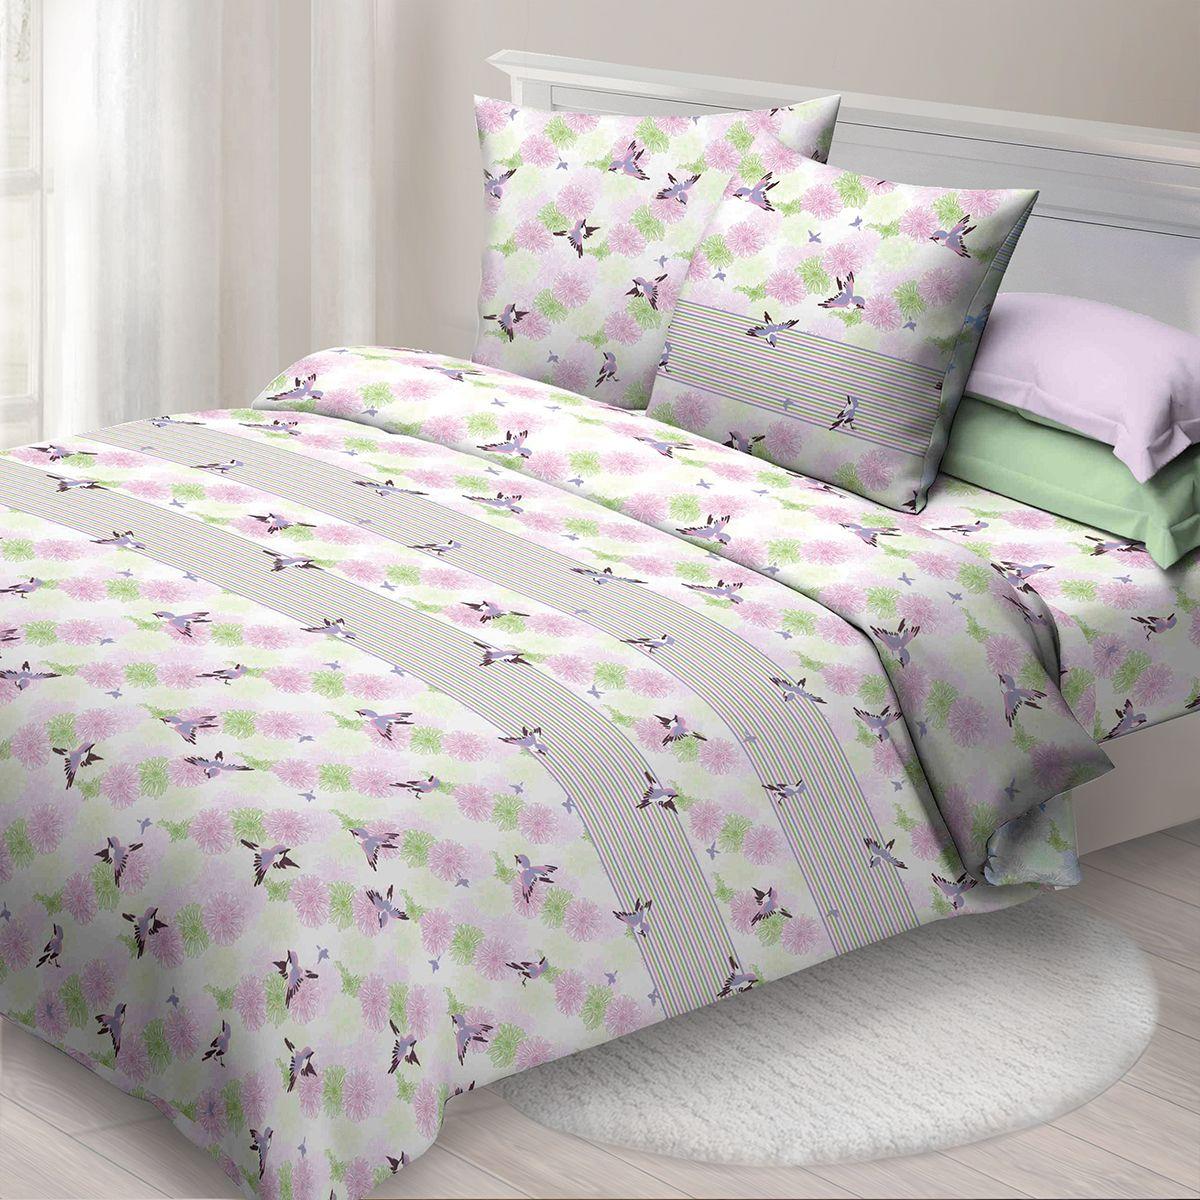 Комплект белья Спал Спалыч Ариана, 2-х спальное, наволочки 70x70, цвет: розовый. 4085-184194